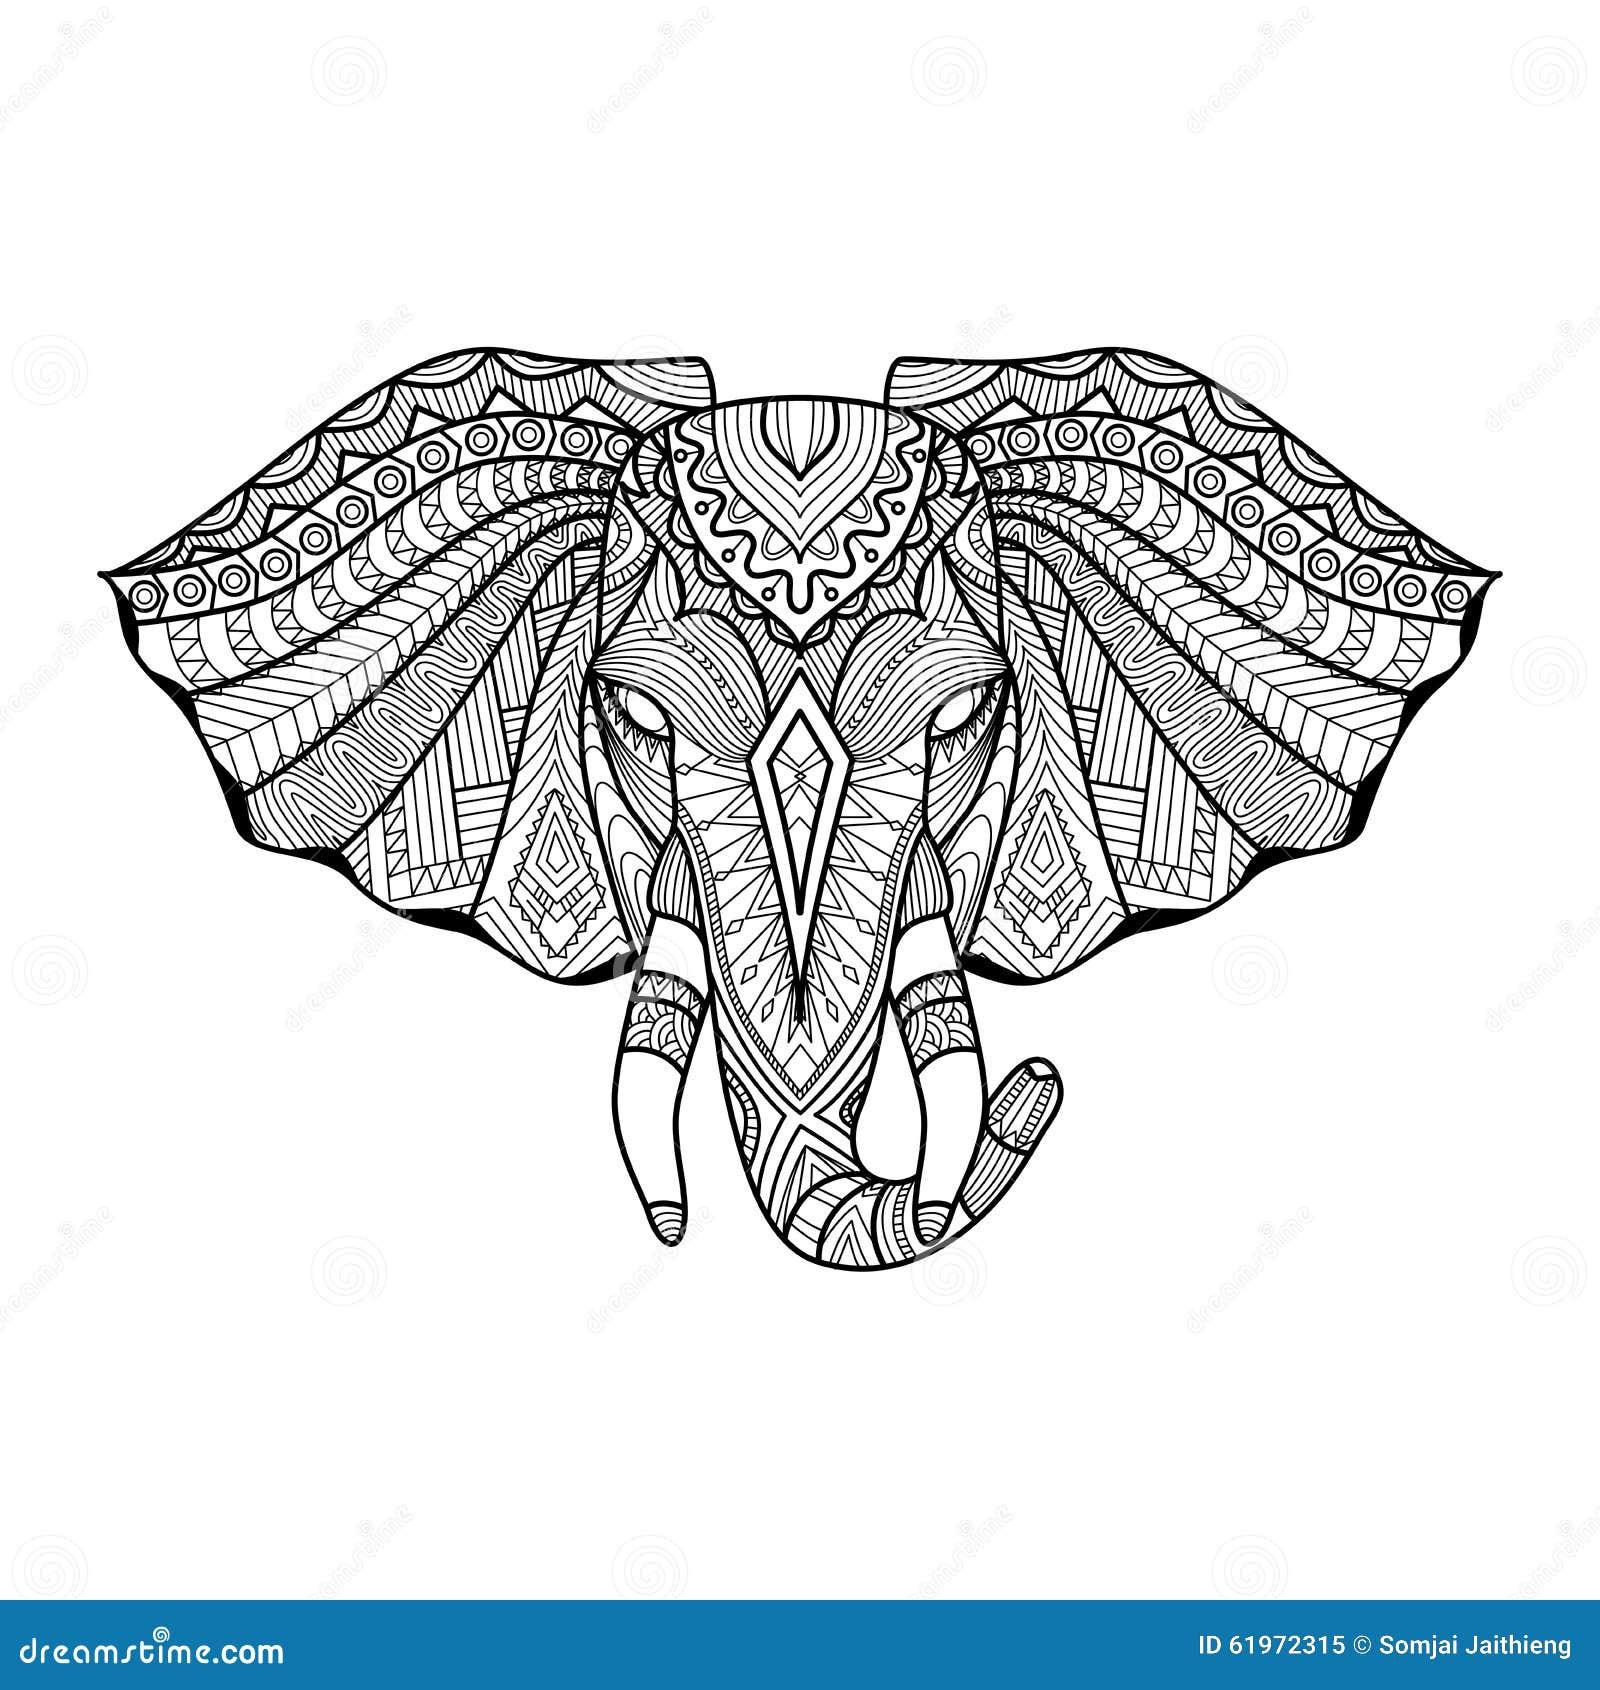 El Elefante étnico único De Dibujo Va A La Impresión, Modelo ...